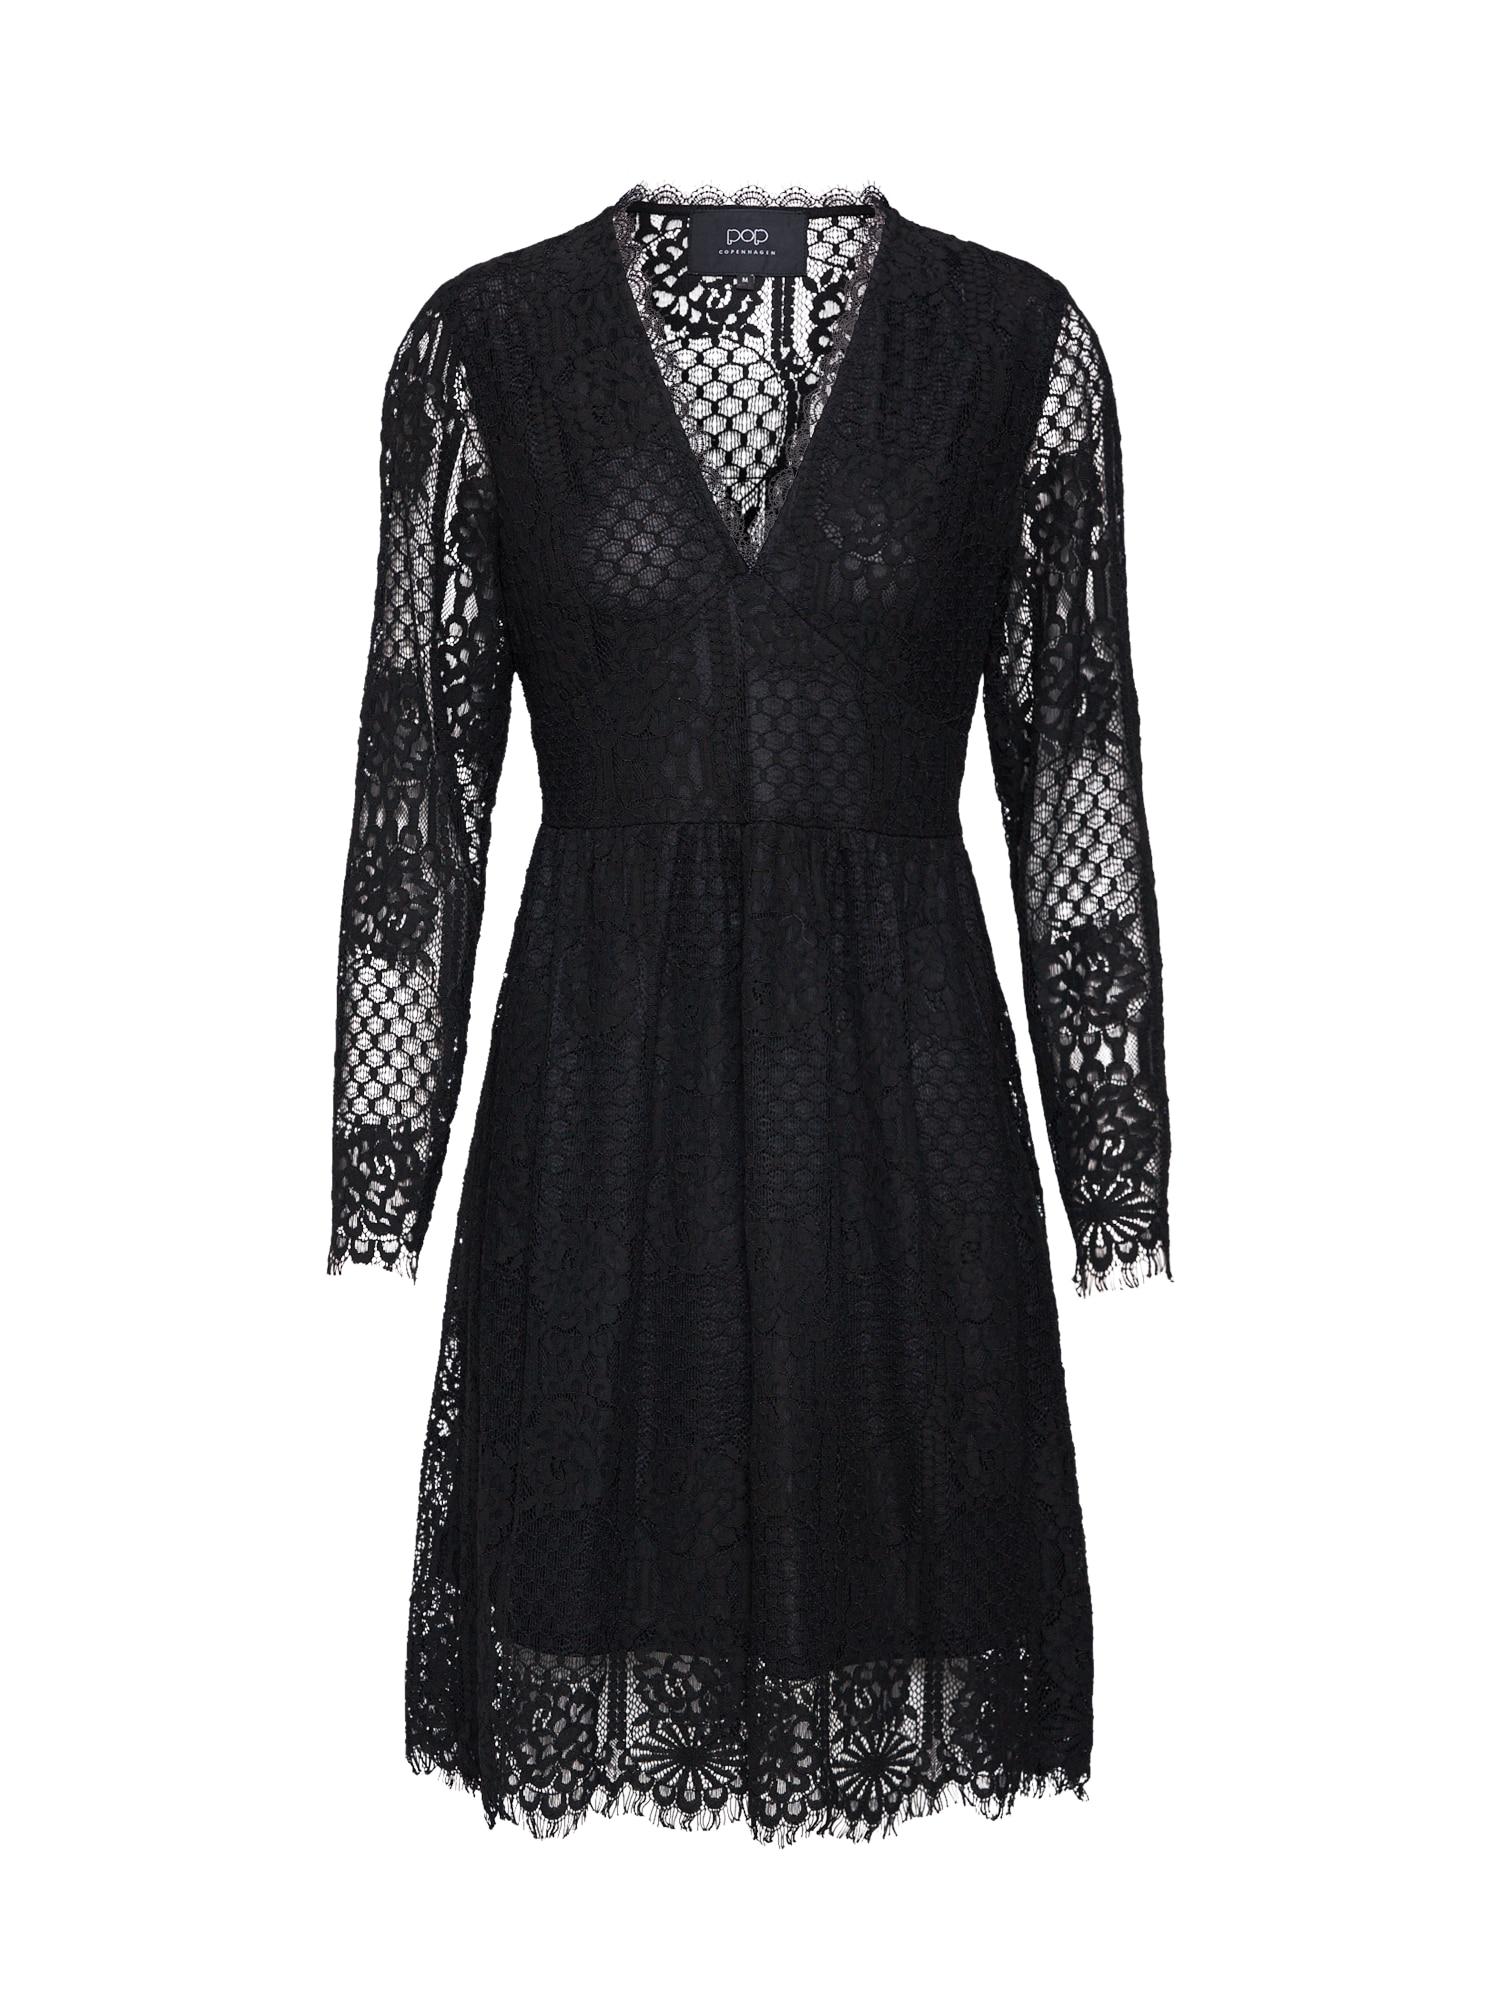 Šaty Gypsy Lace Dress černá Pop Copenhagen